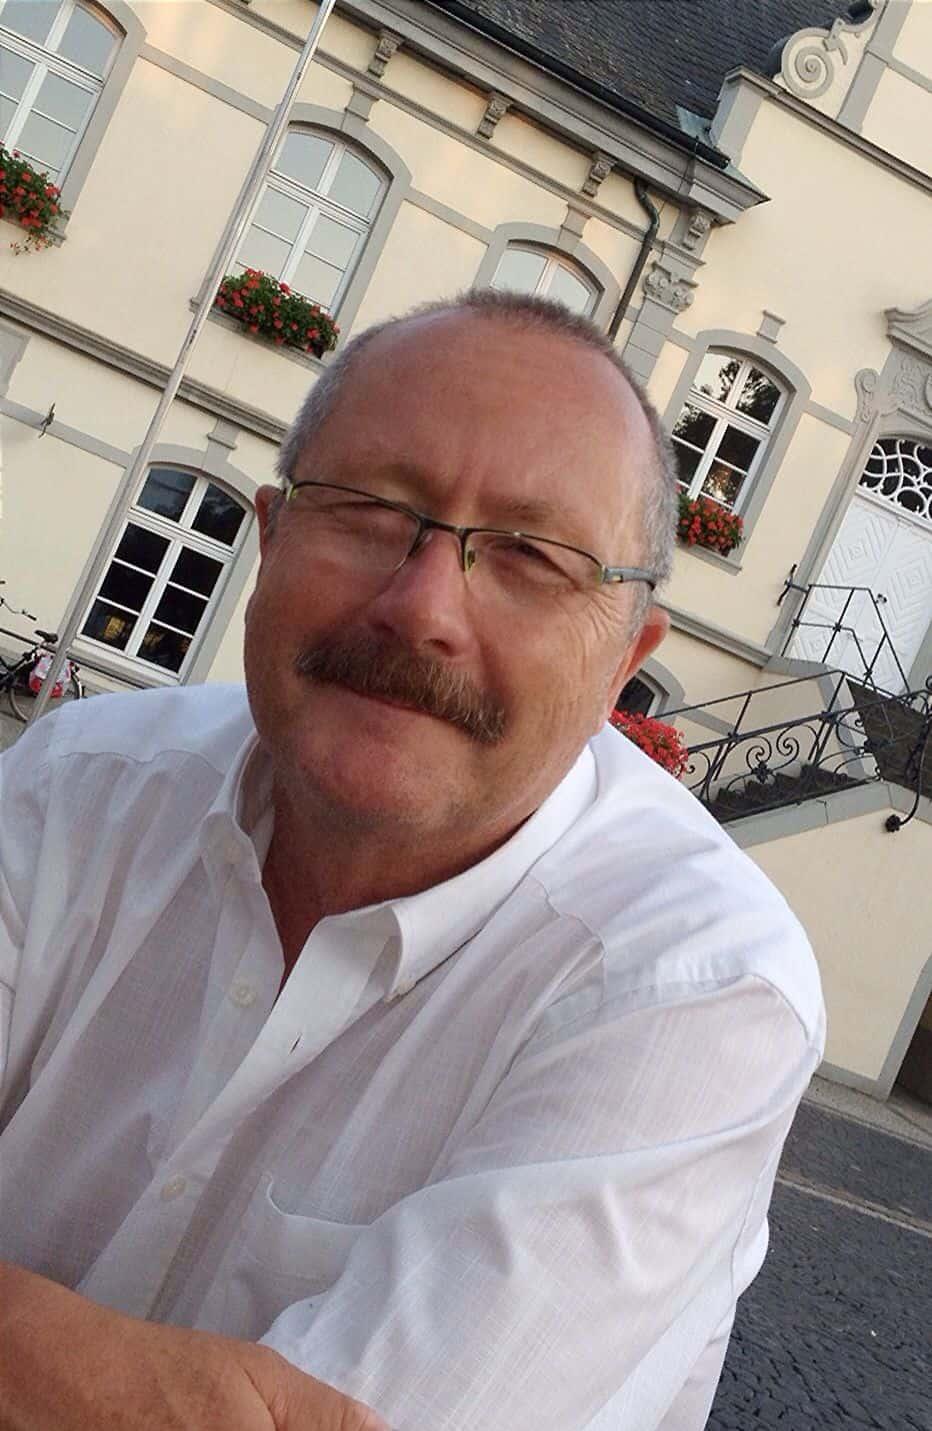 Als Zielgruppe Handwerksbetriebe fest im Blick: Der Lippstädter Steuerberater Helmut Steltemeier hat sich als Mittelstandsberater selbstständig gemacht.